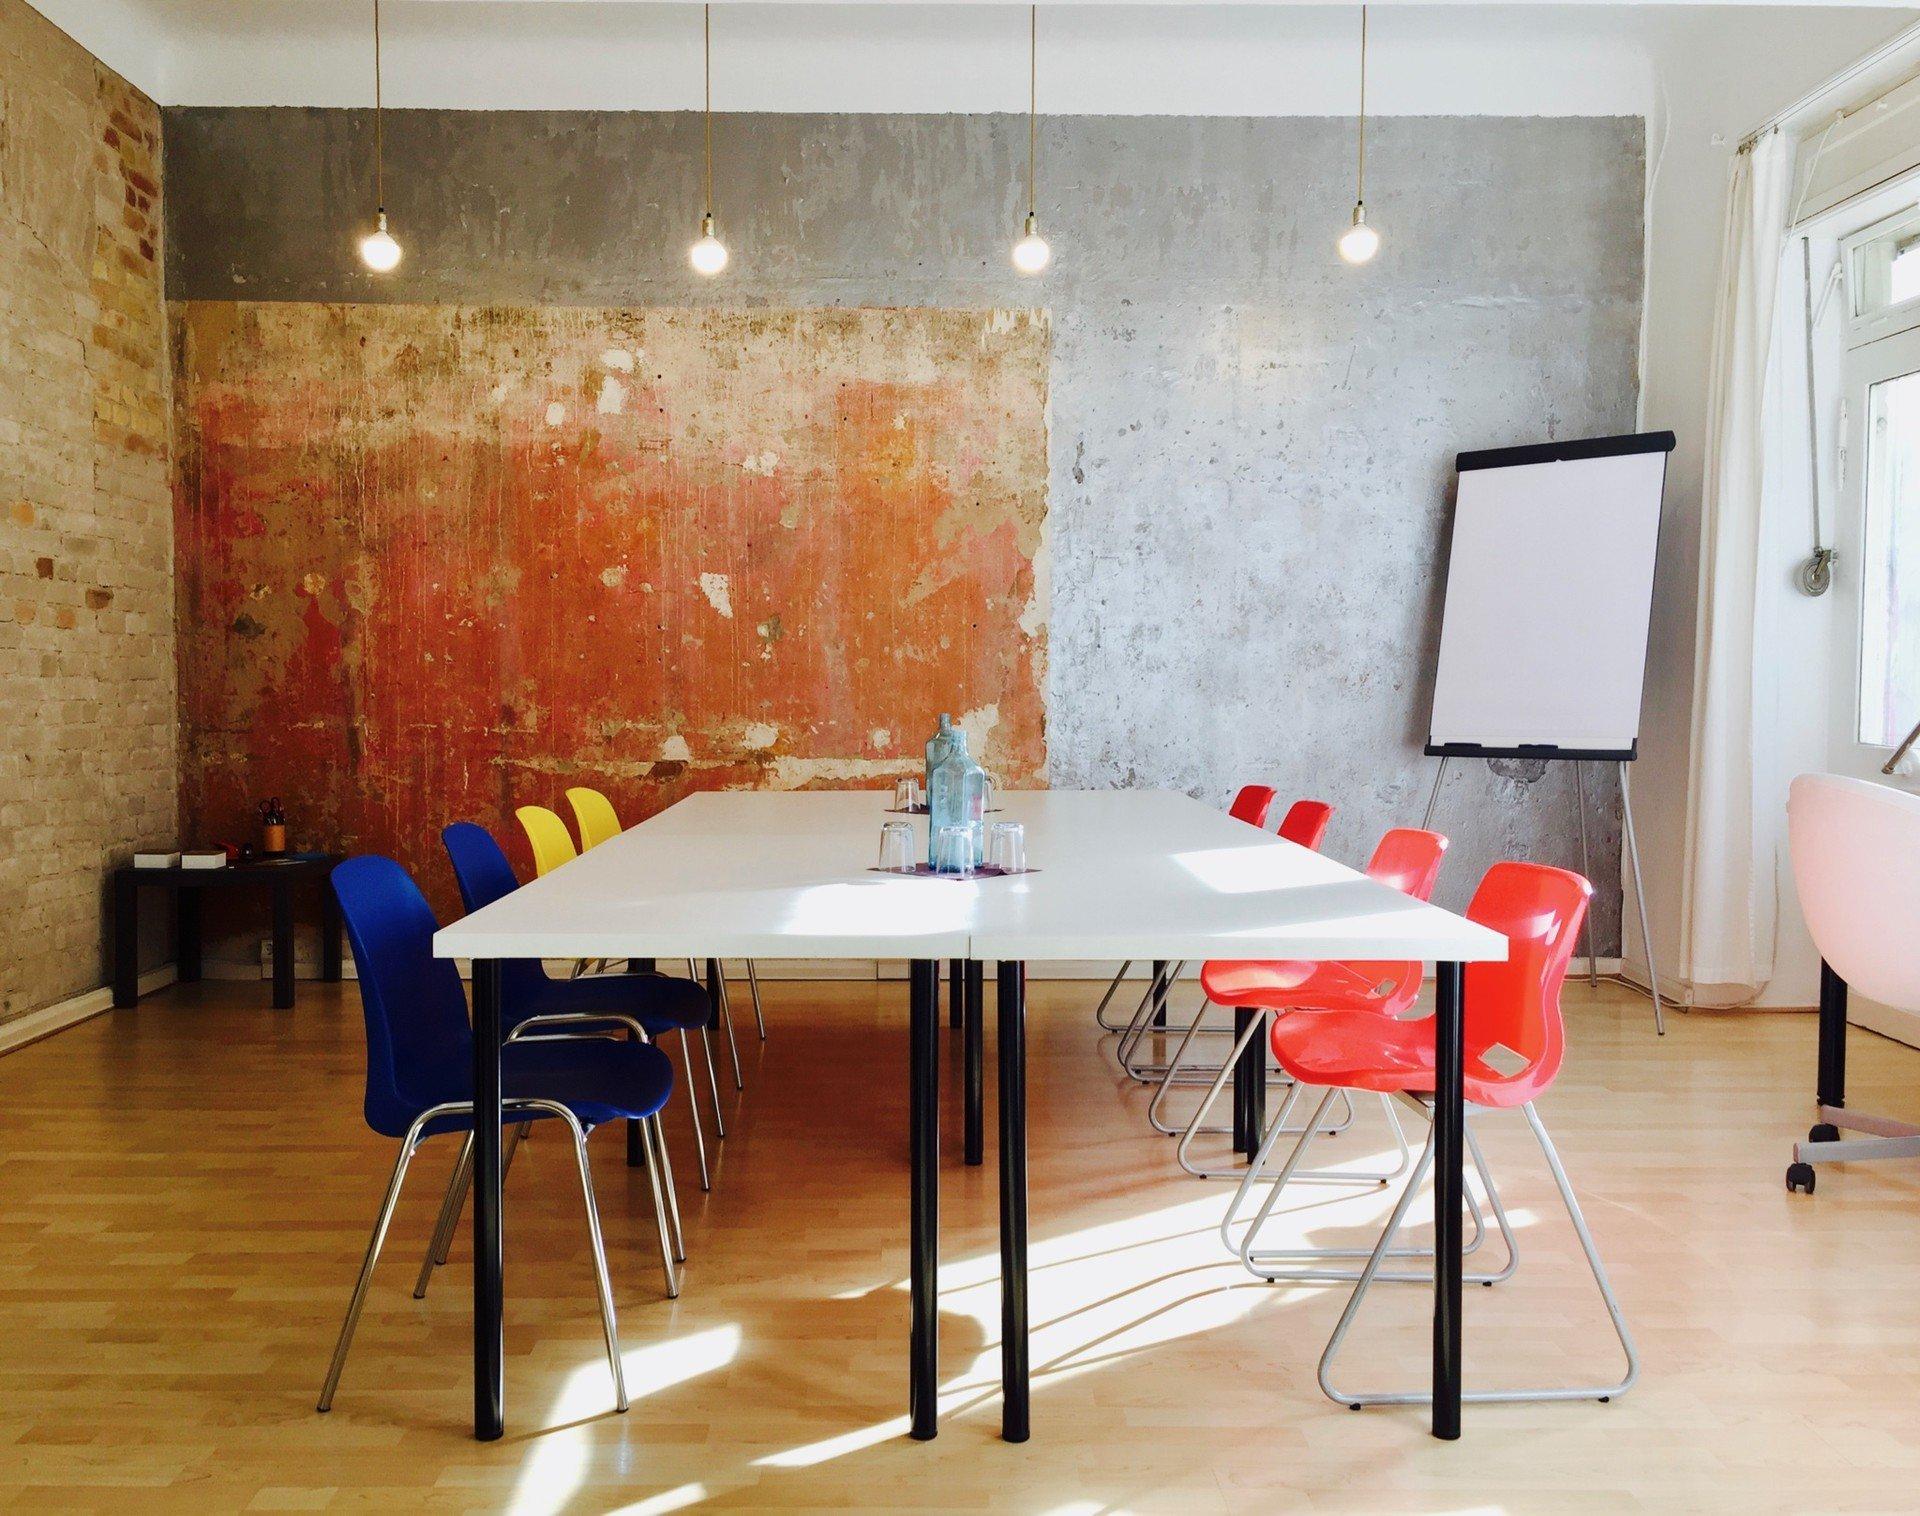 Berlin workshop spaces Salle de réunion Wirkungskreis - Seminar Room image 0